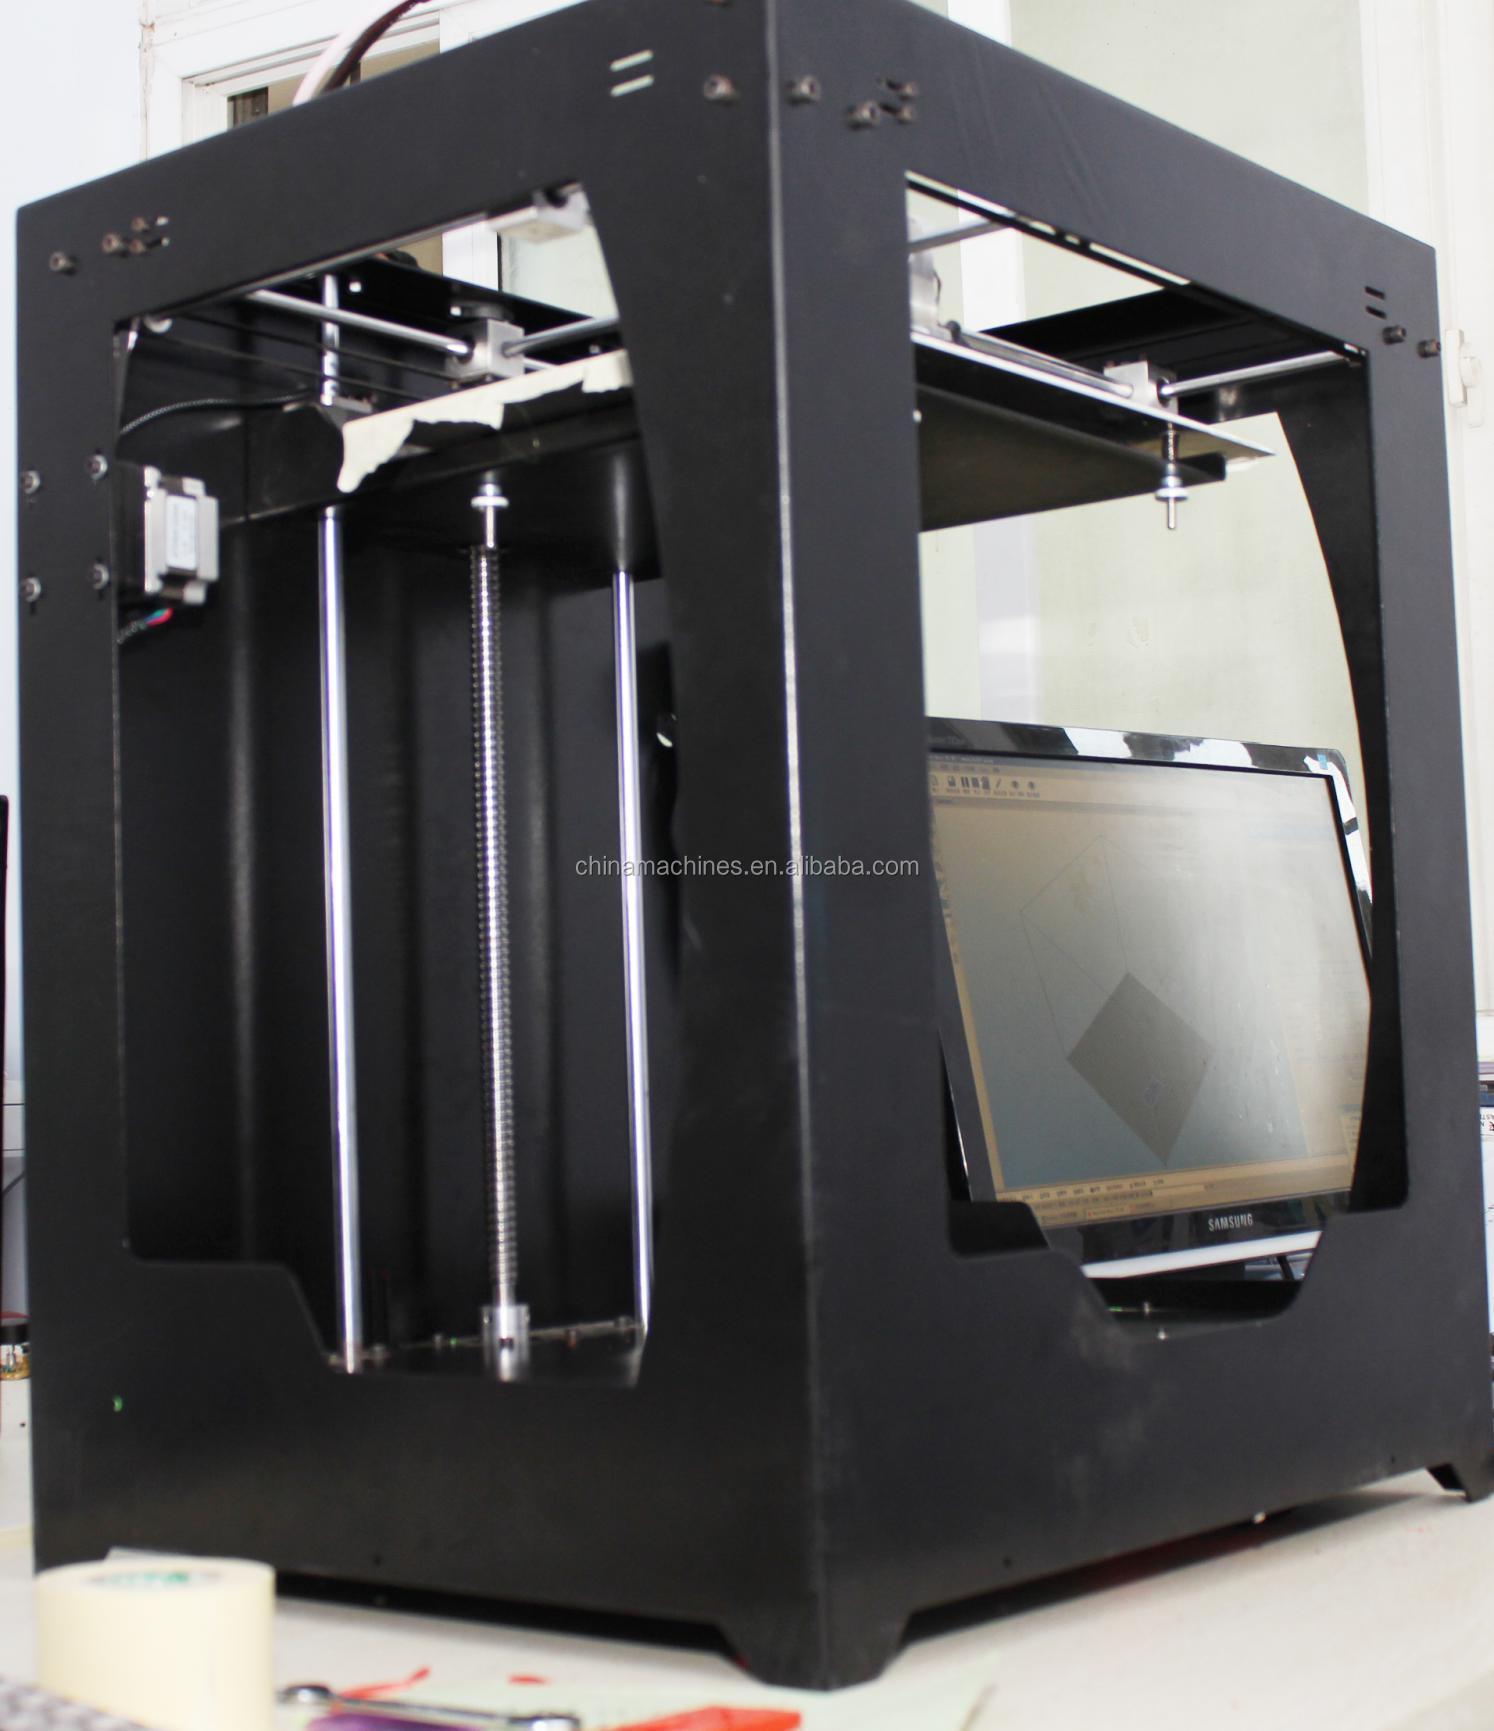 3d imprimante m tallique 3d imprimante prix 3d. Black Bedroom Furniture Sets. Home Design Ideas